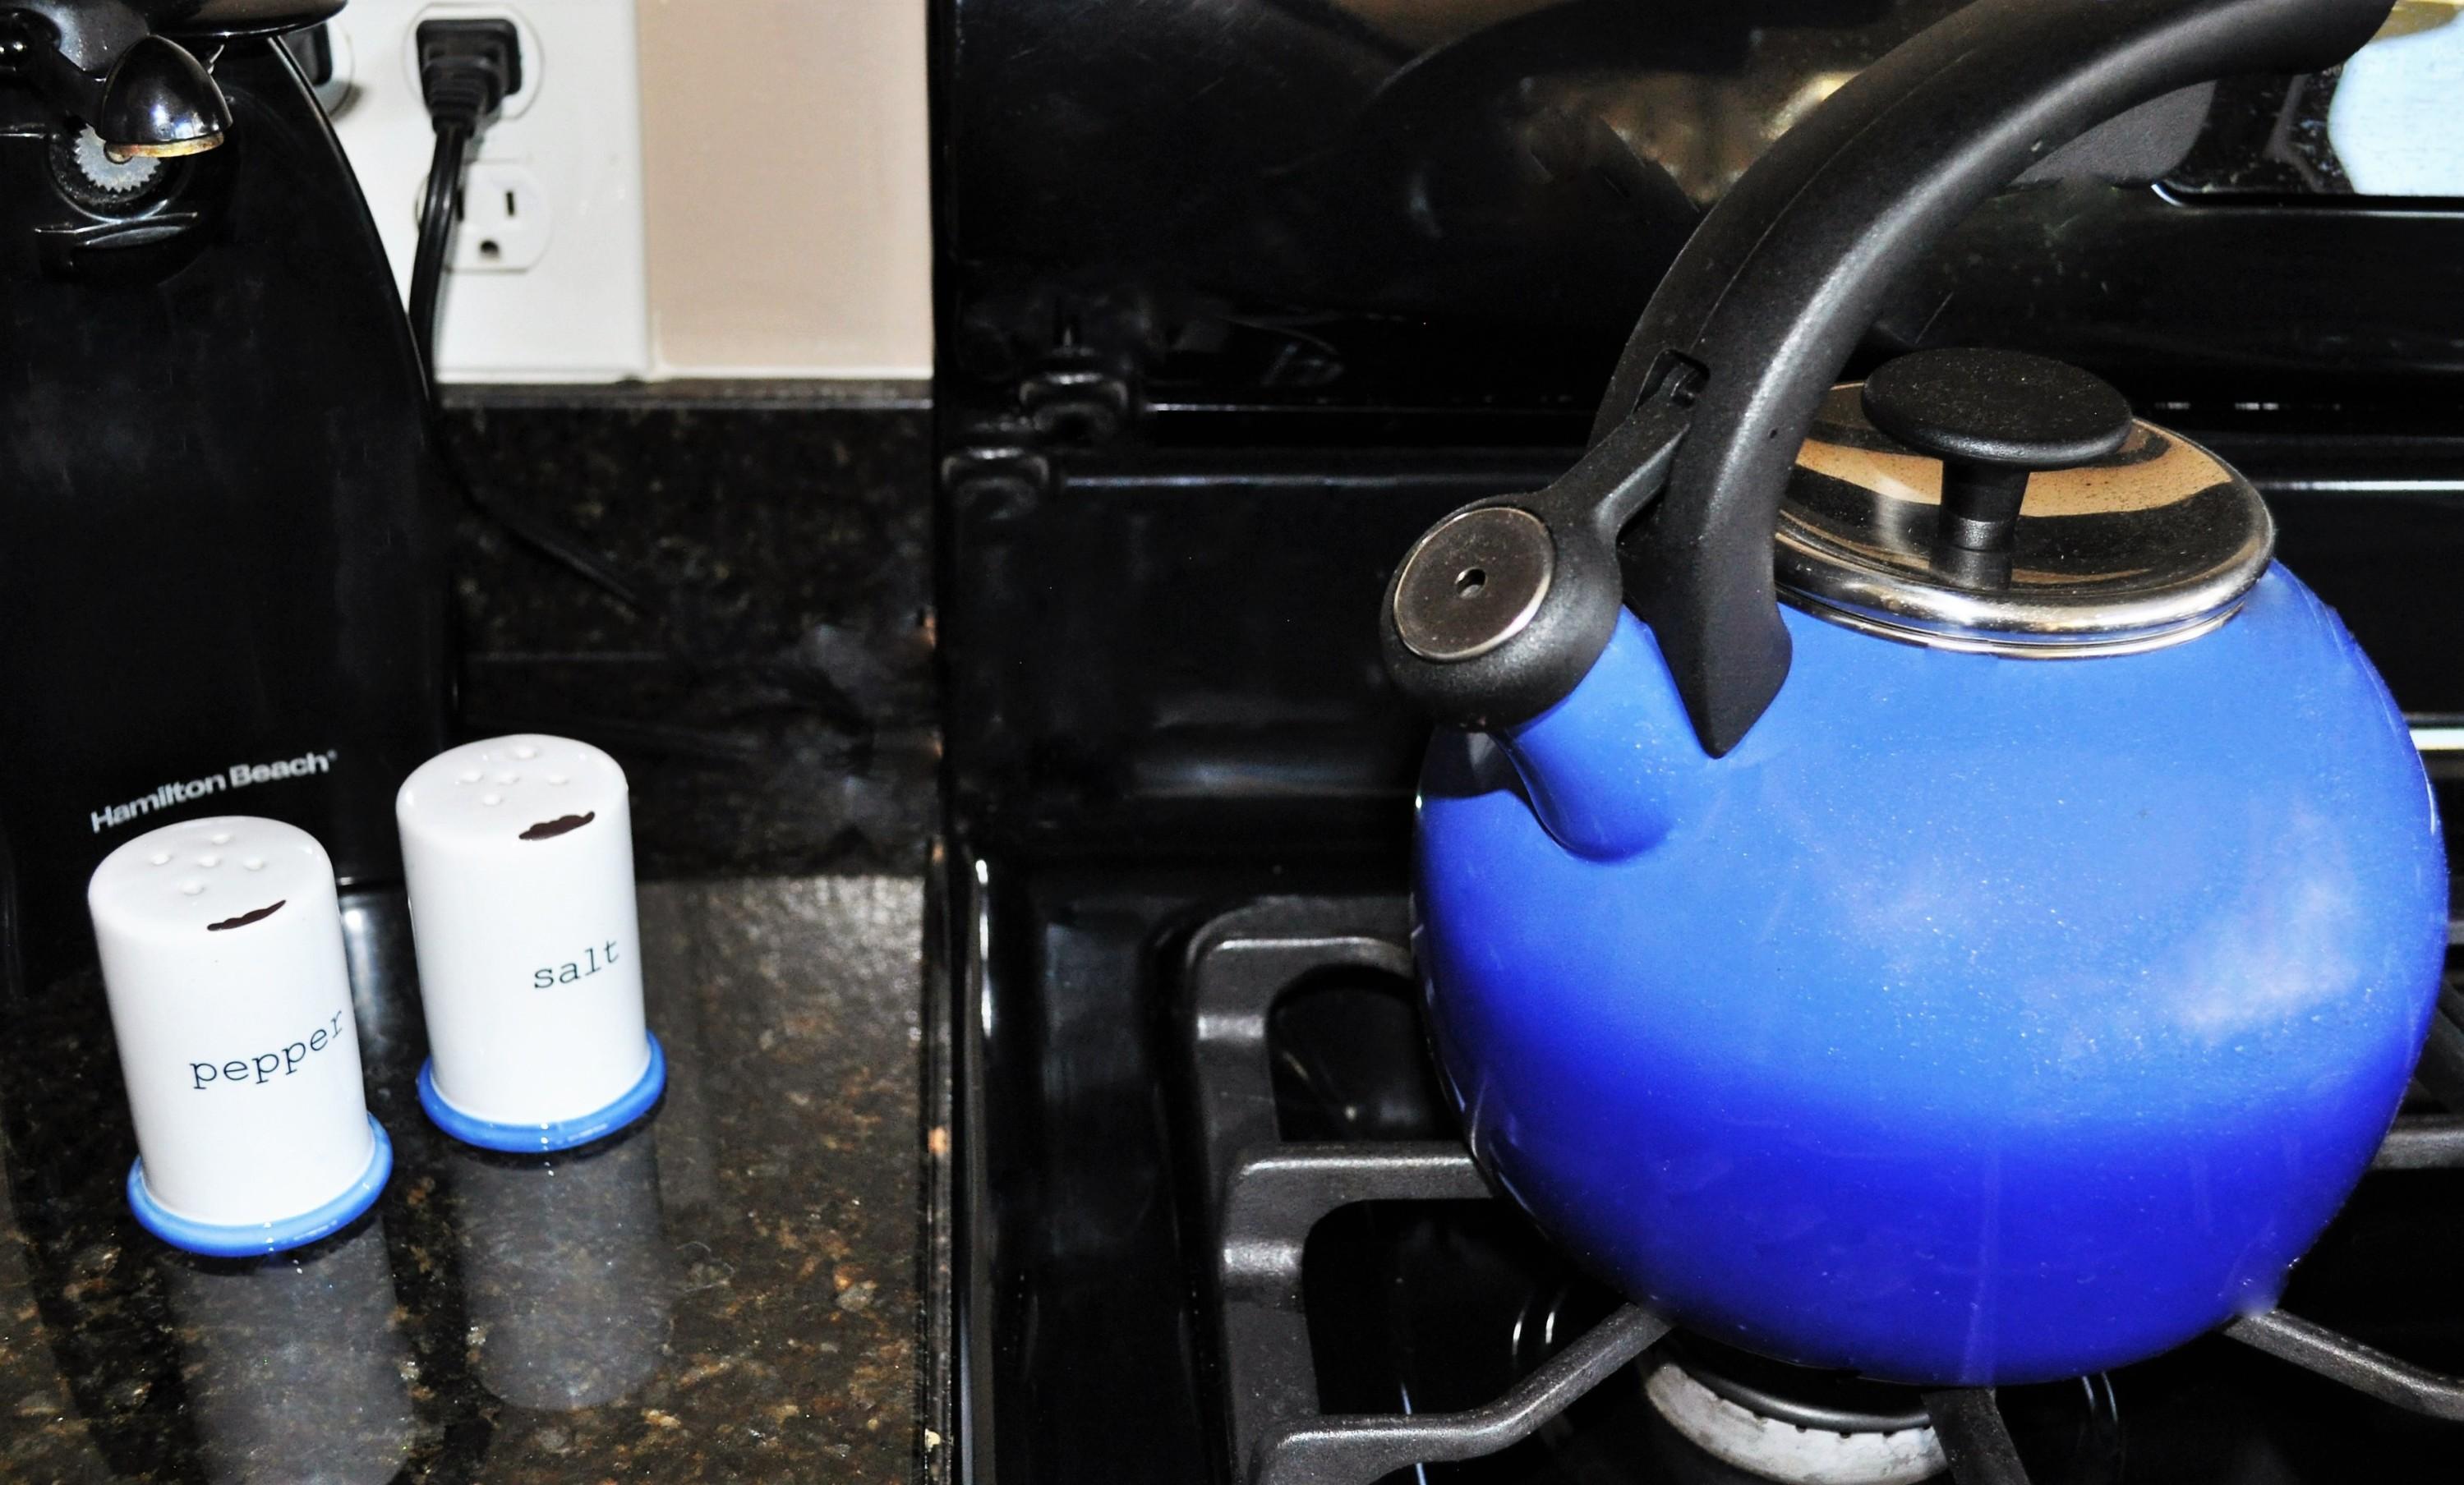 Popsugar Salt Pepper in Kitchen